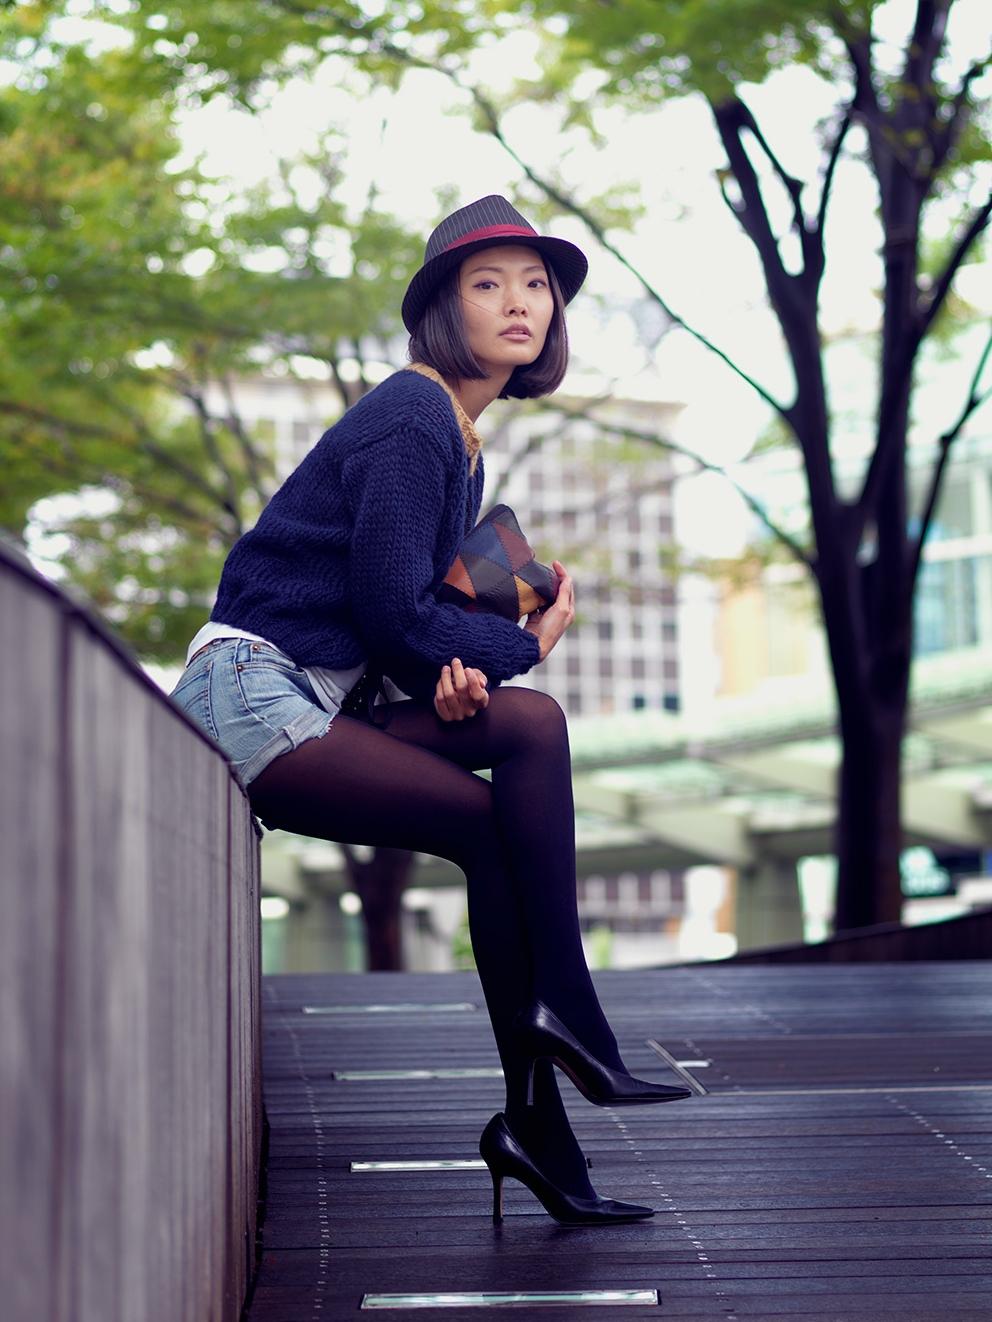 shisa-mari-A_9337968a.jpg